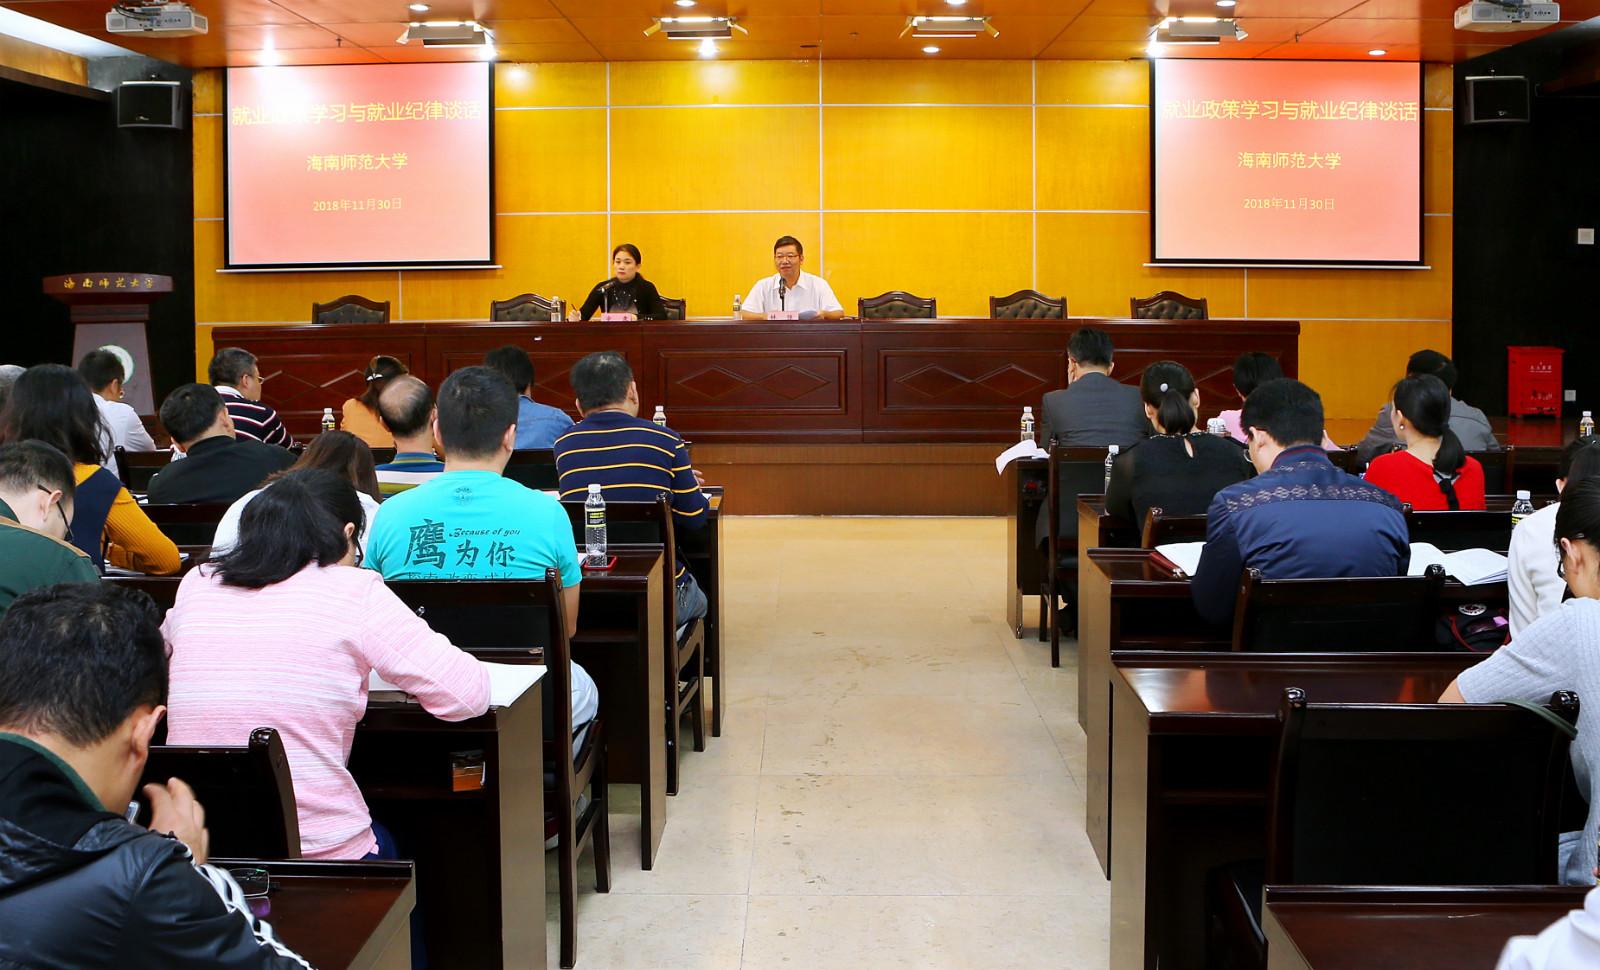 学校组织就业政策学习暨开展就业纪律谈话